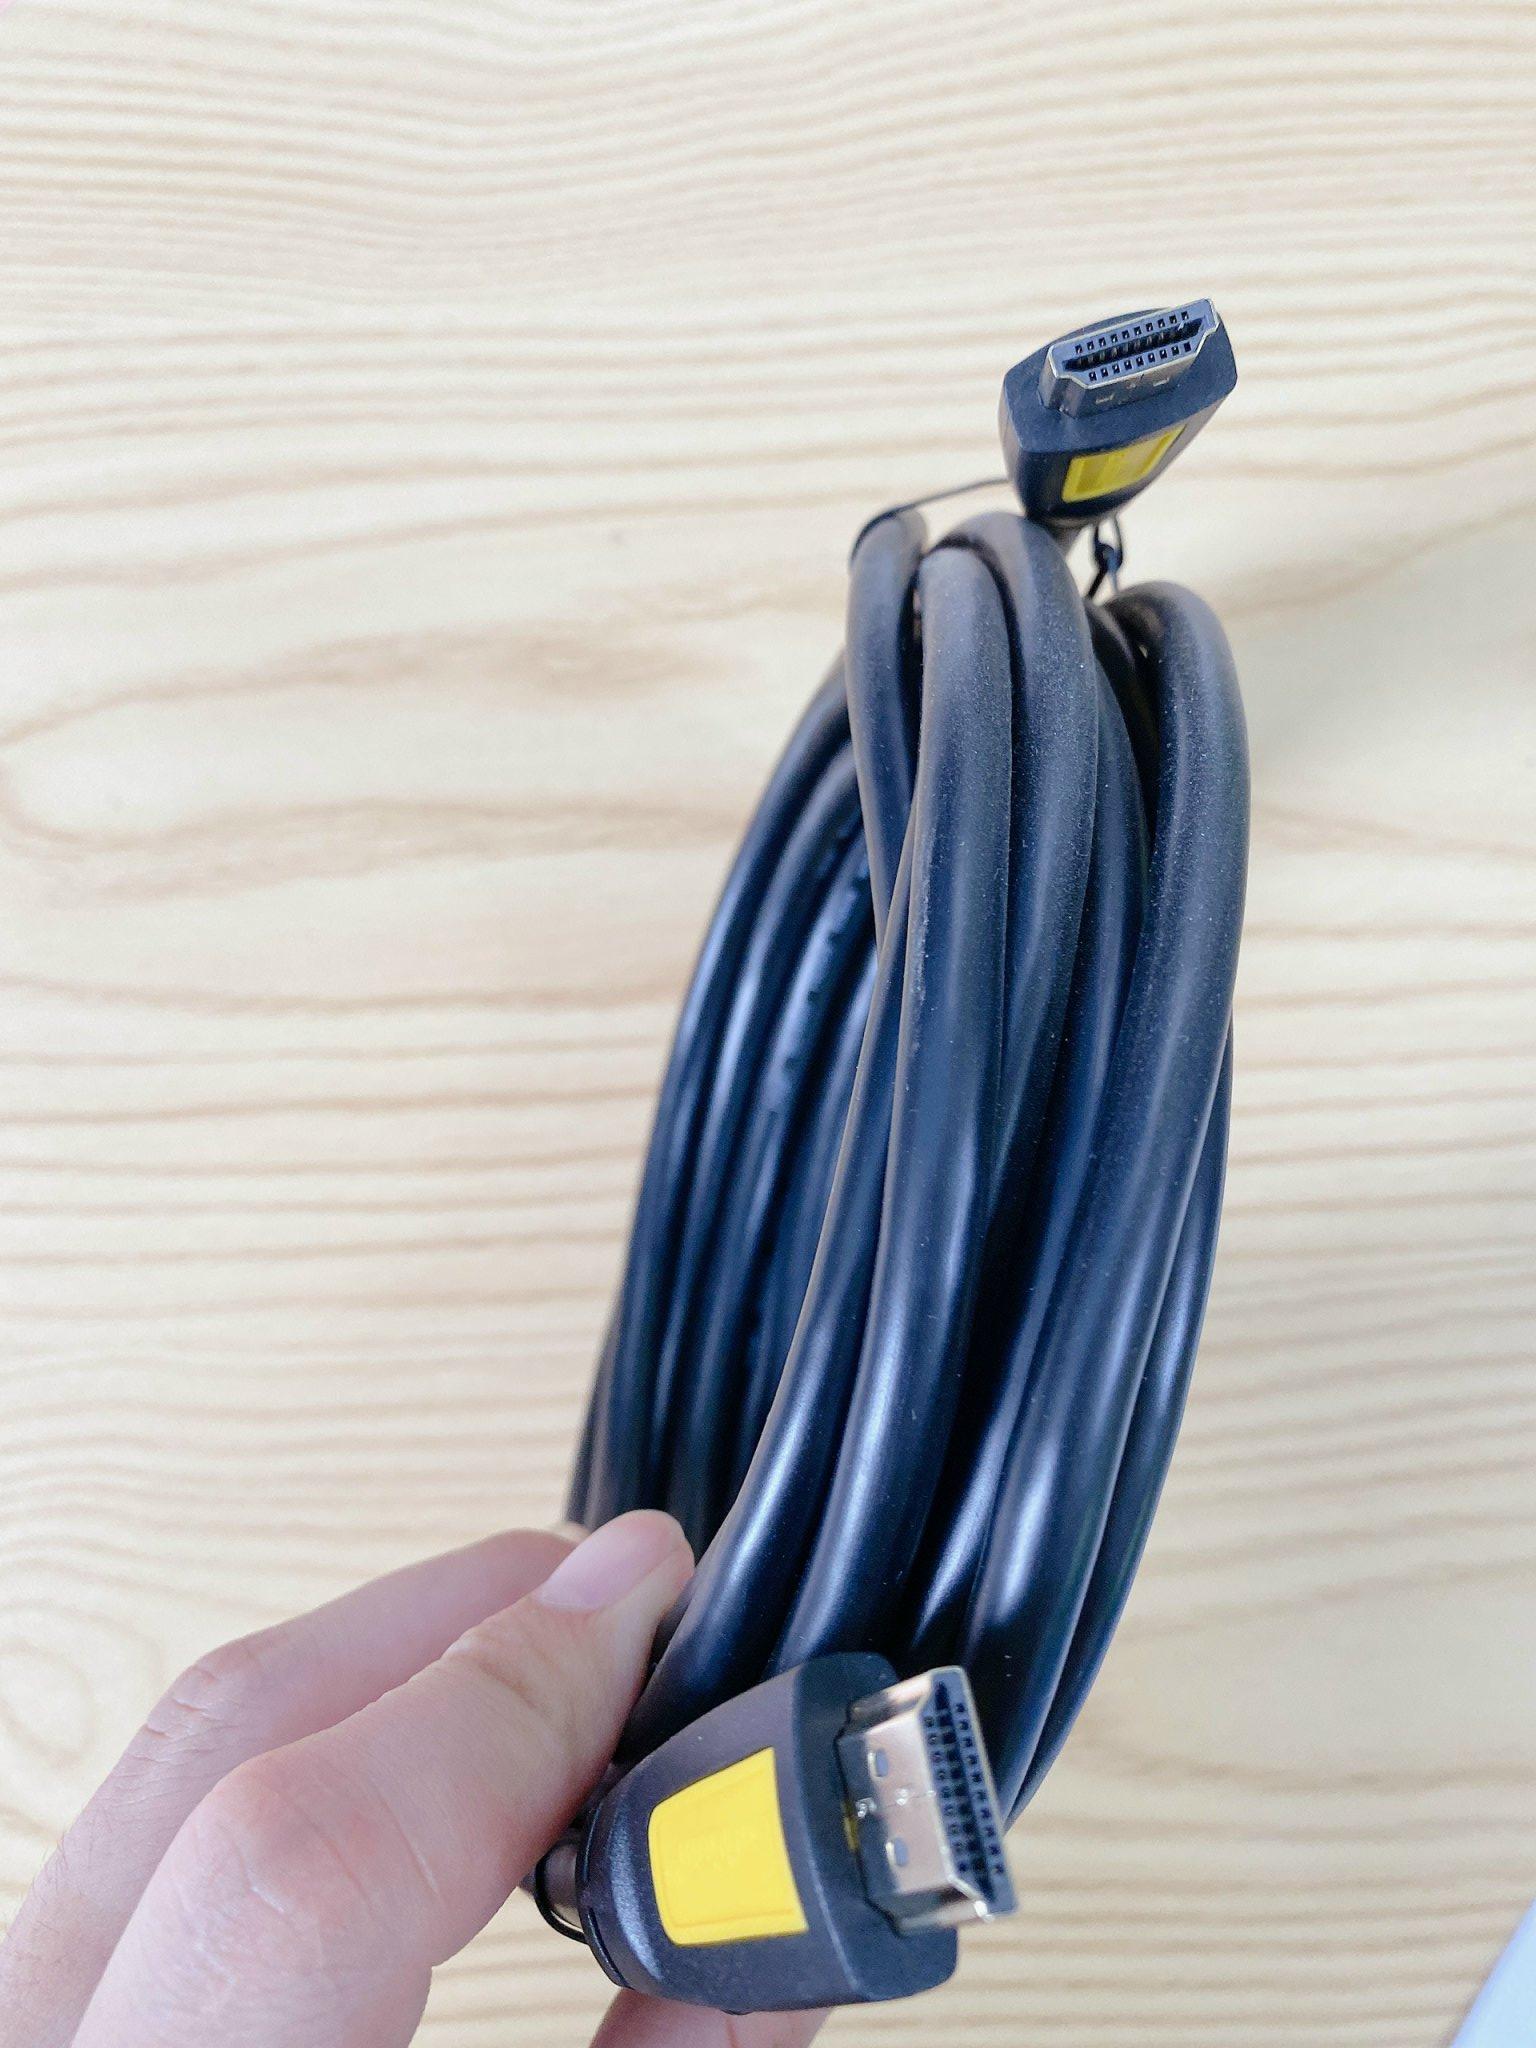 Cáp HDMI Earldom W09 dài 3m - Hàng chính hãng Earldom